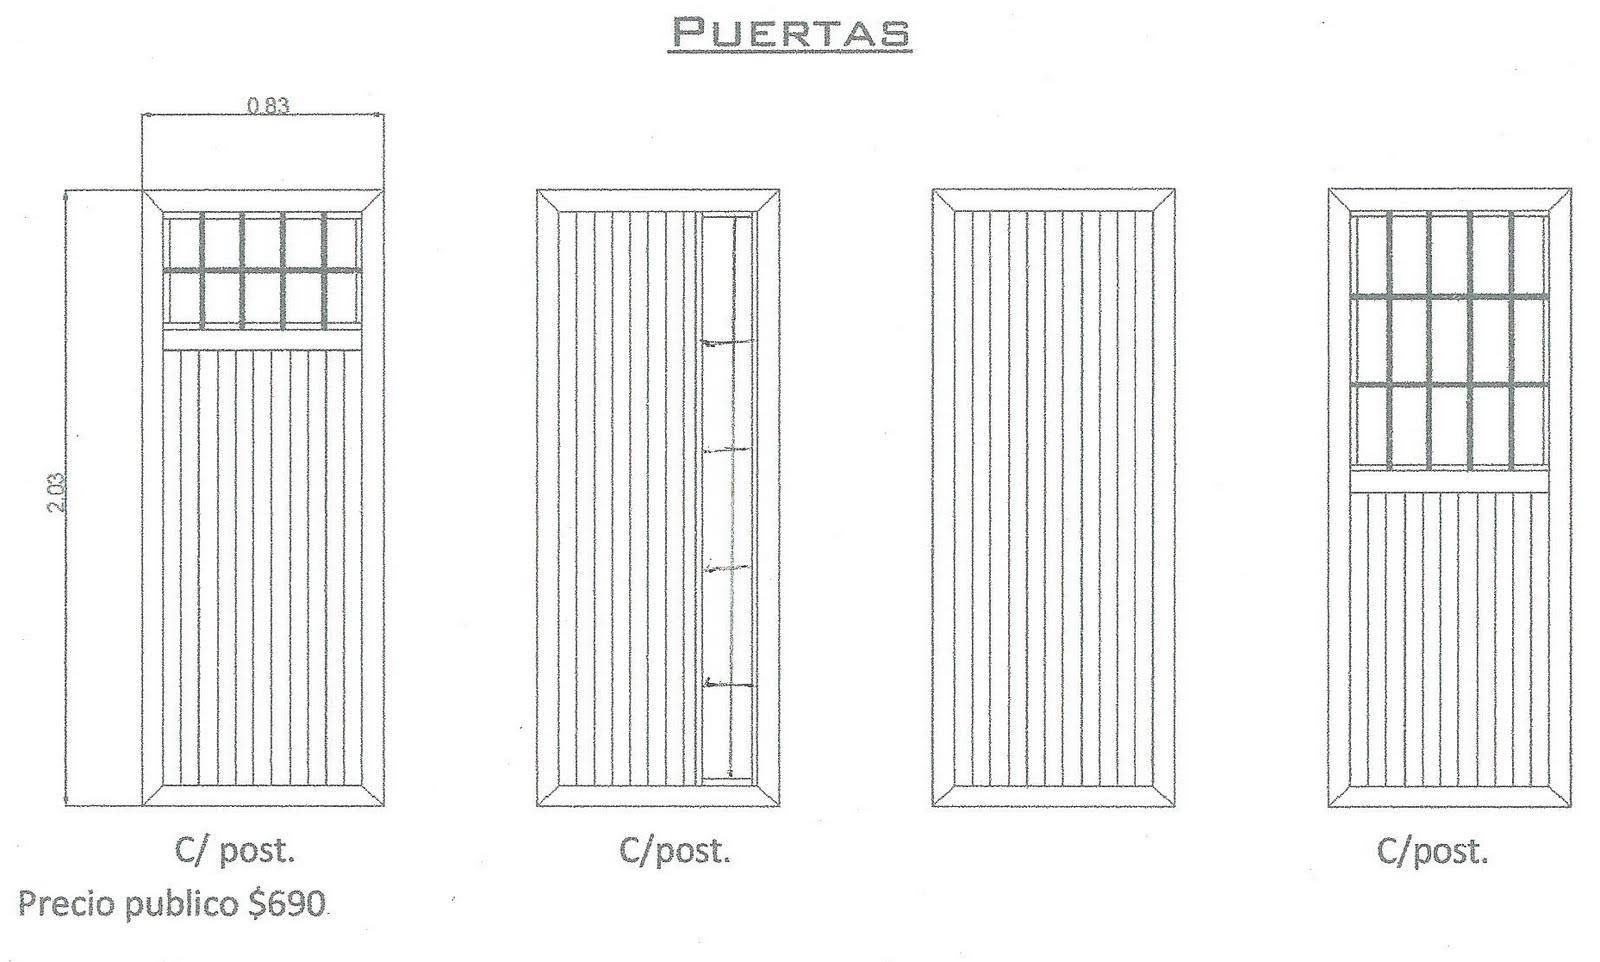 Puertas de entrada car interior design - Tipos de puertas de interior ...